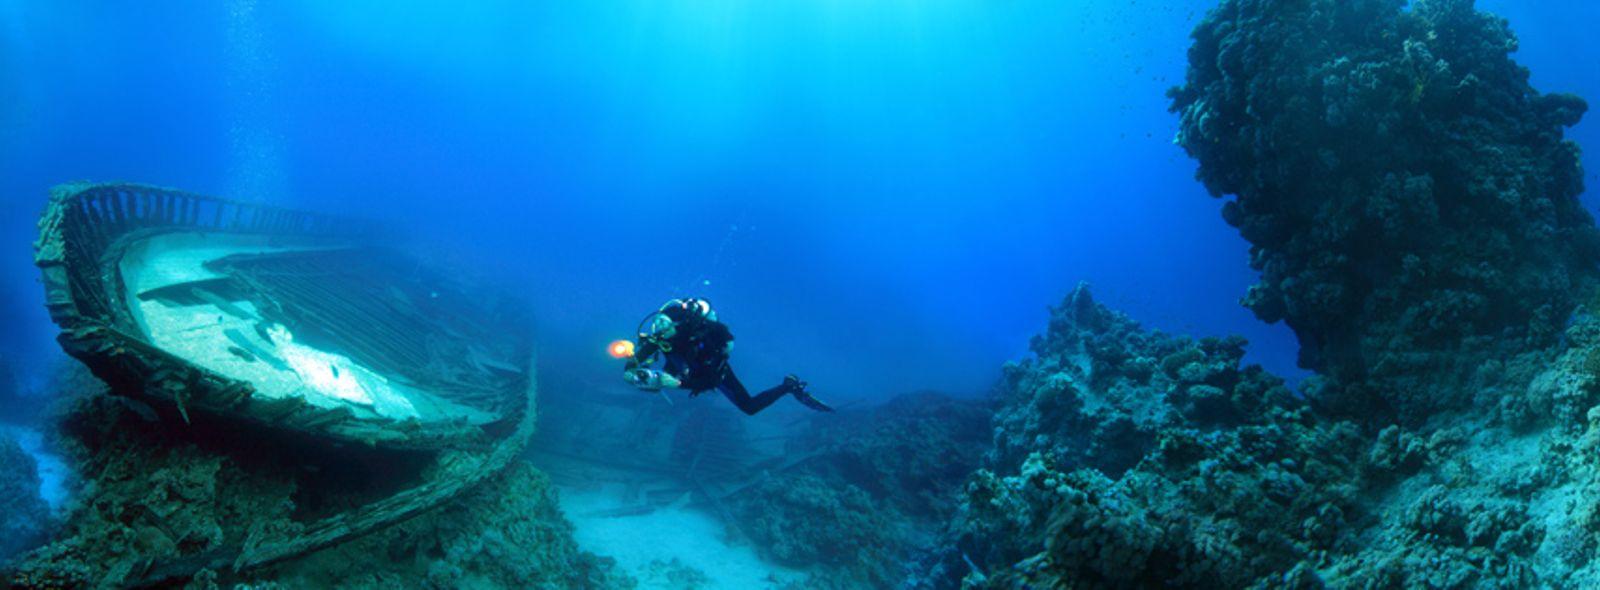 Dove fare immersioni in Italia